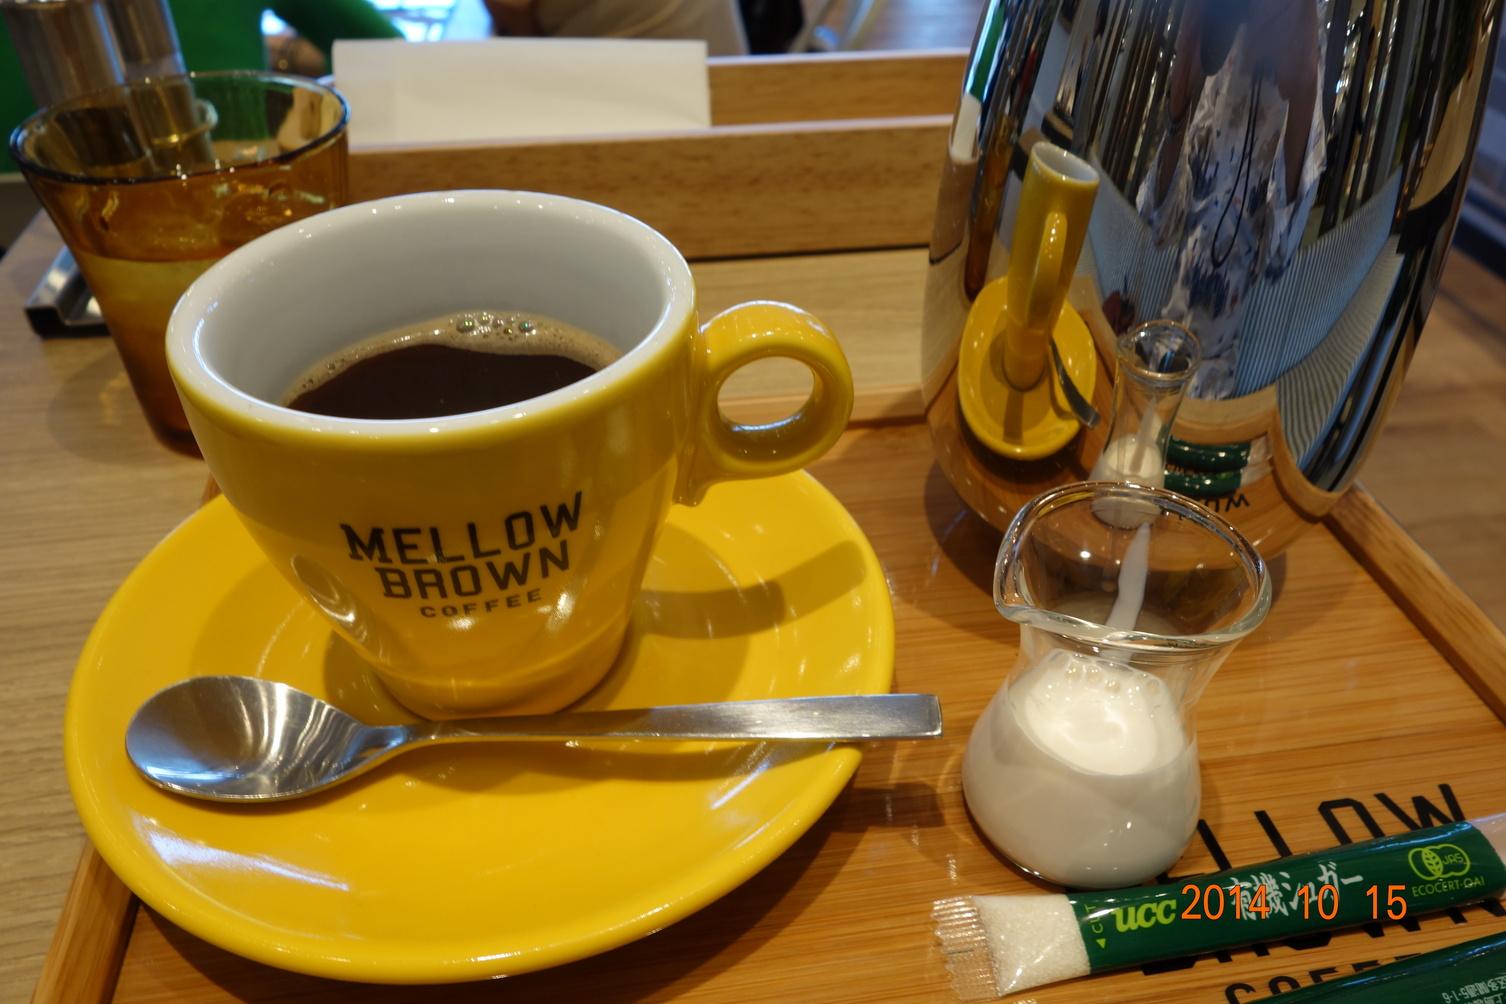 メロウ ブラウン コーヒー イオンモール京都桂川店